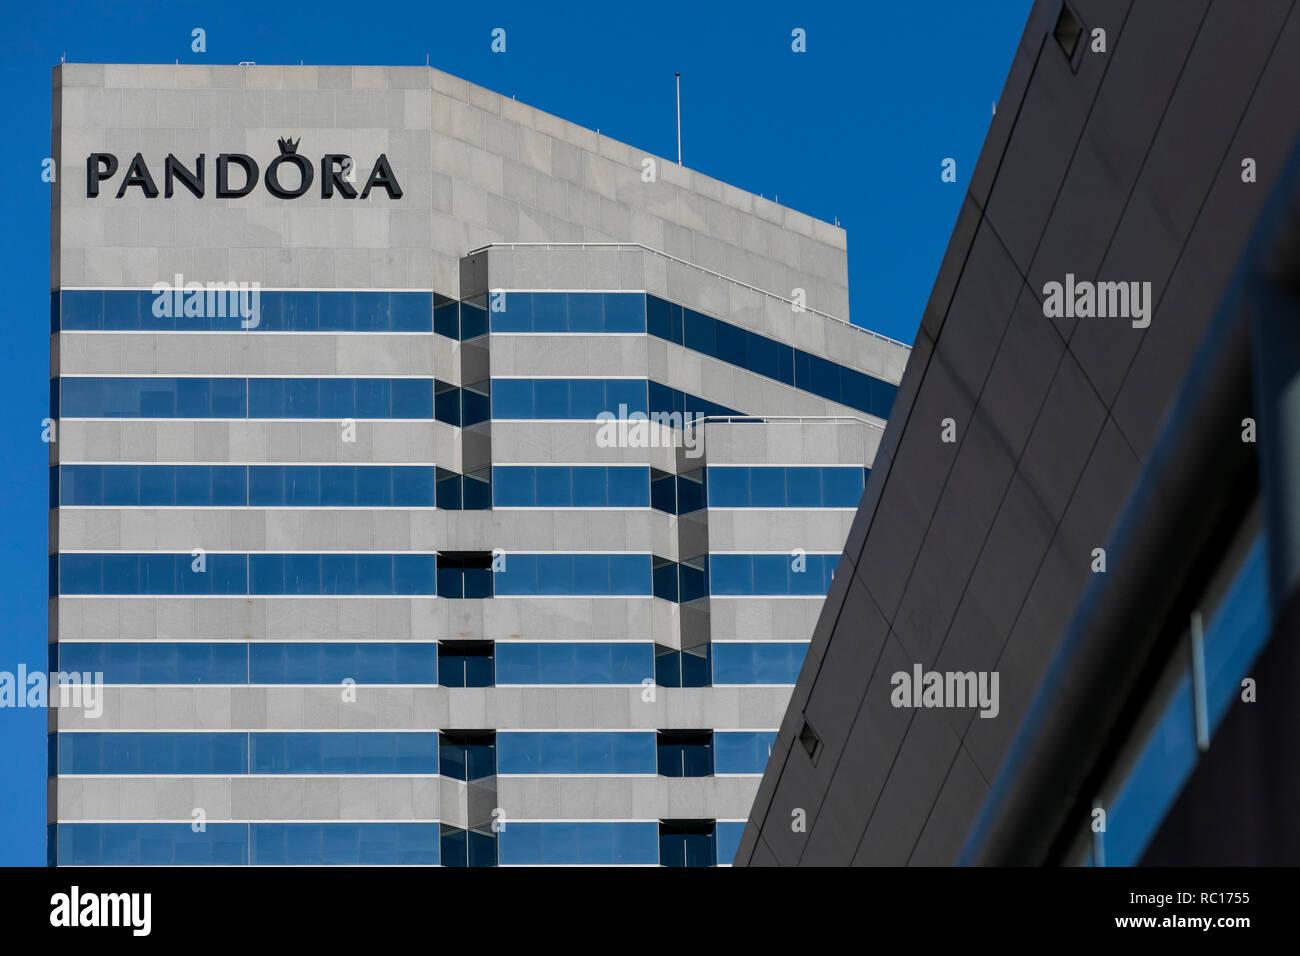 Un logotipo cartel fuera de una instalación ocupada por Pandora Joyería en Baltimore, Maryland el 11 de enero de 2019. Imagen De Stock